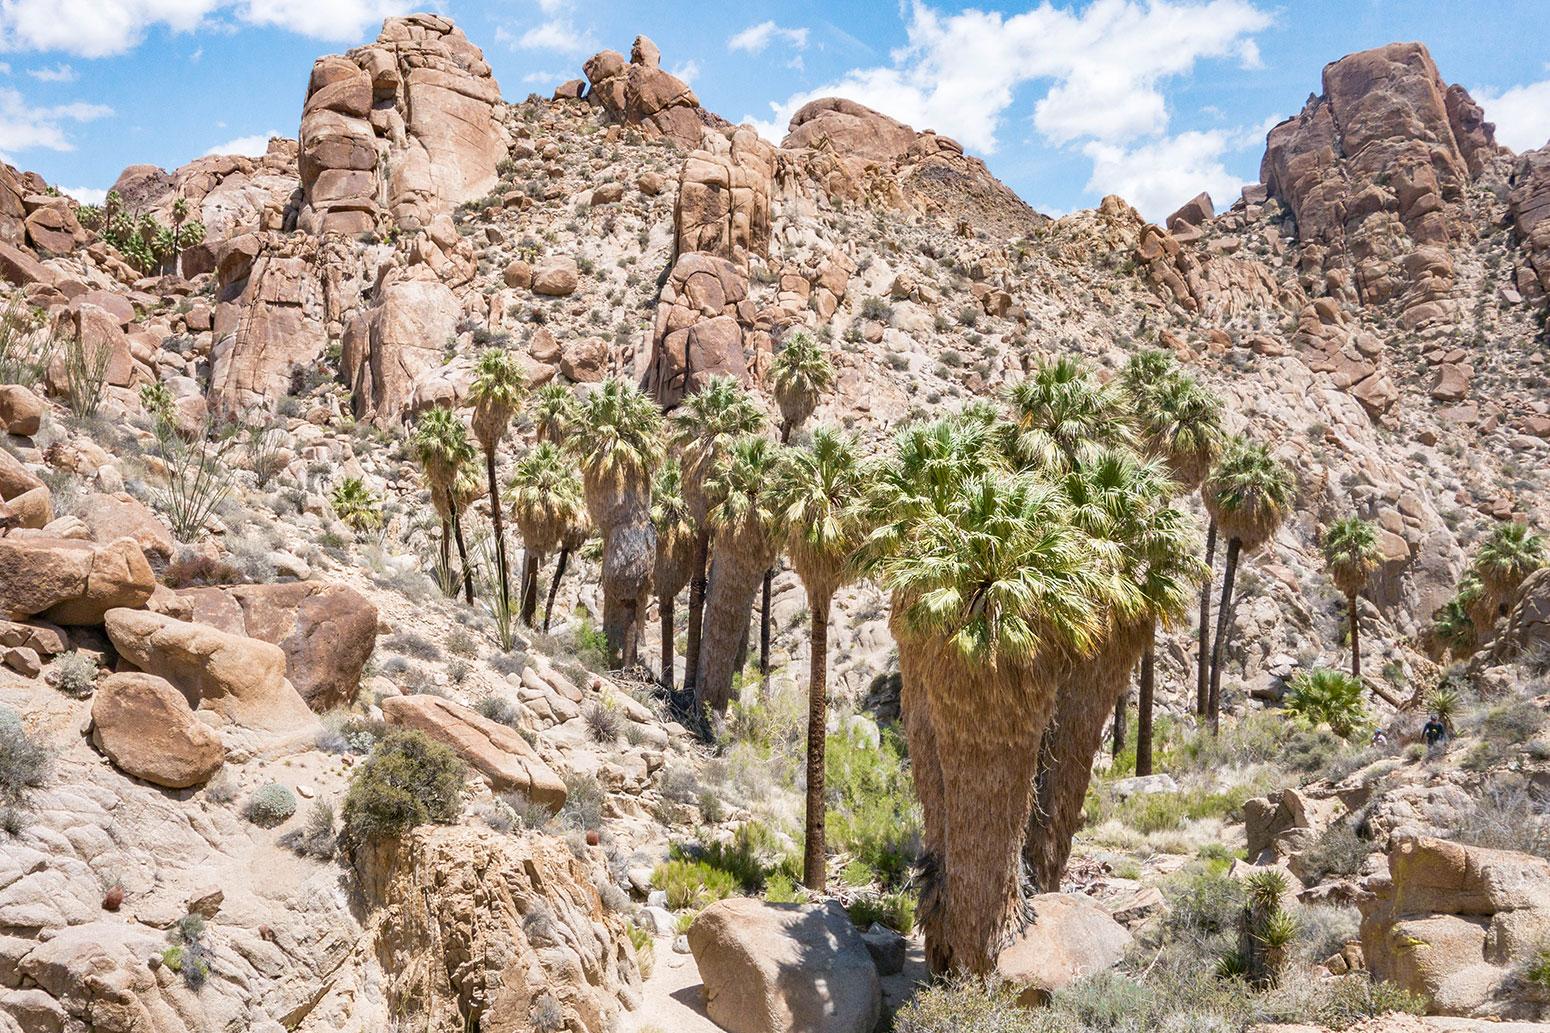 Joshua Tree - Lost Palms Oasis